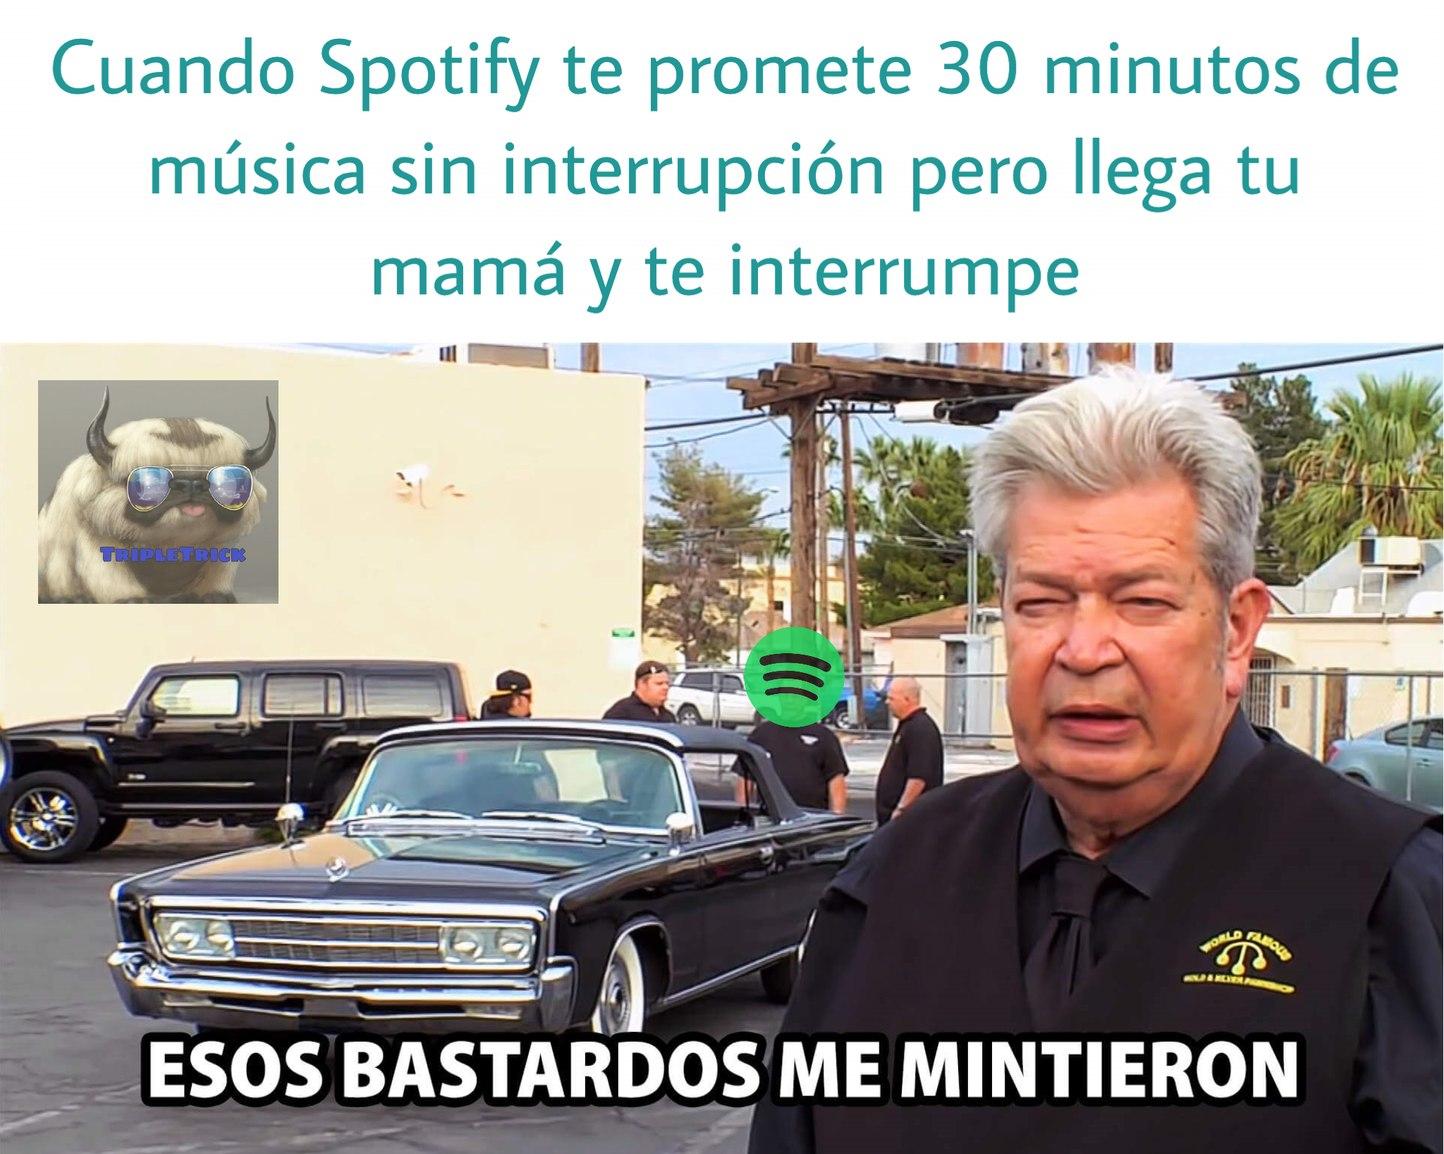 El Spotify pobre, claro esta - meme